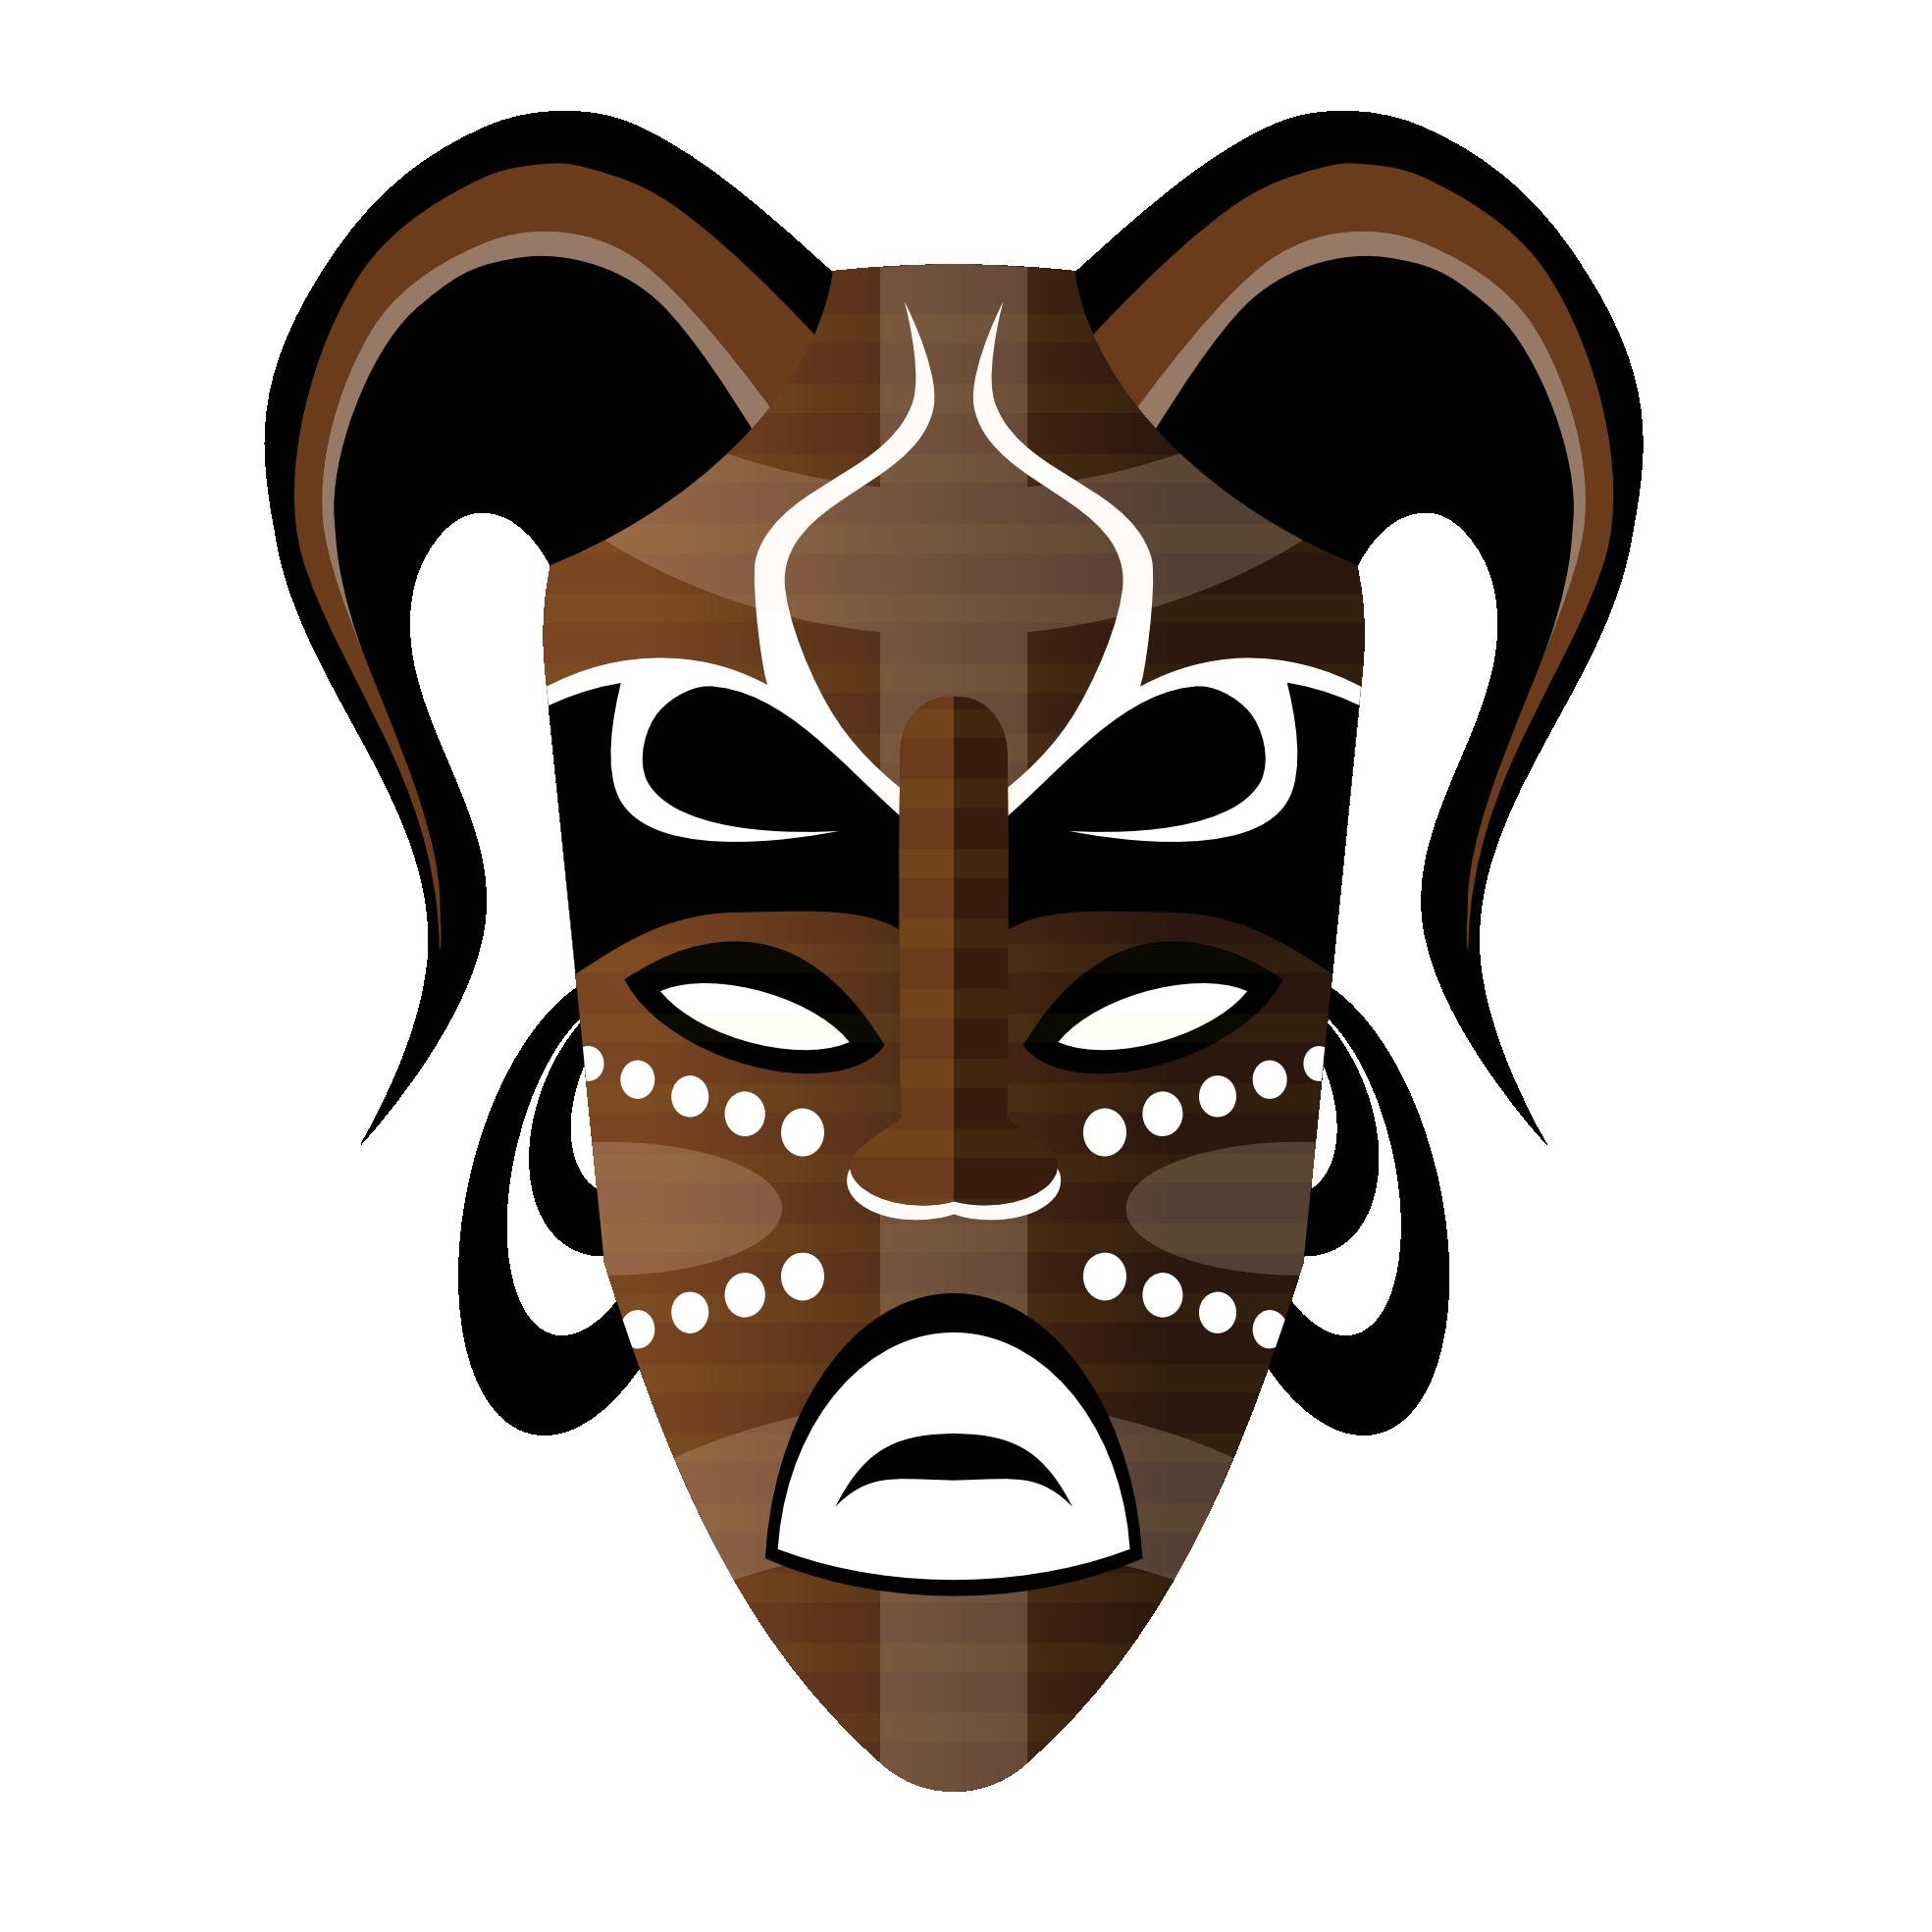 Mask clipart mood. Tribal masks png skulls